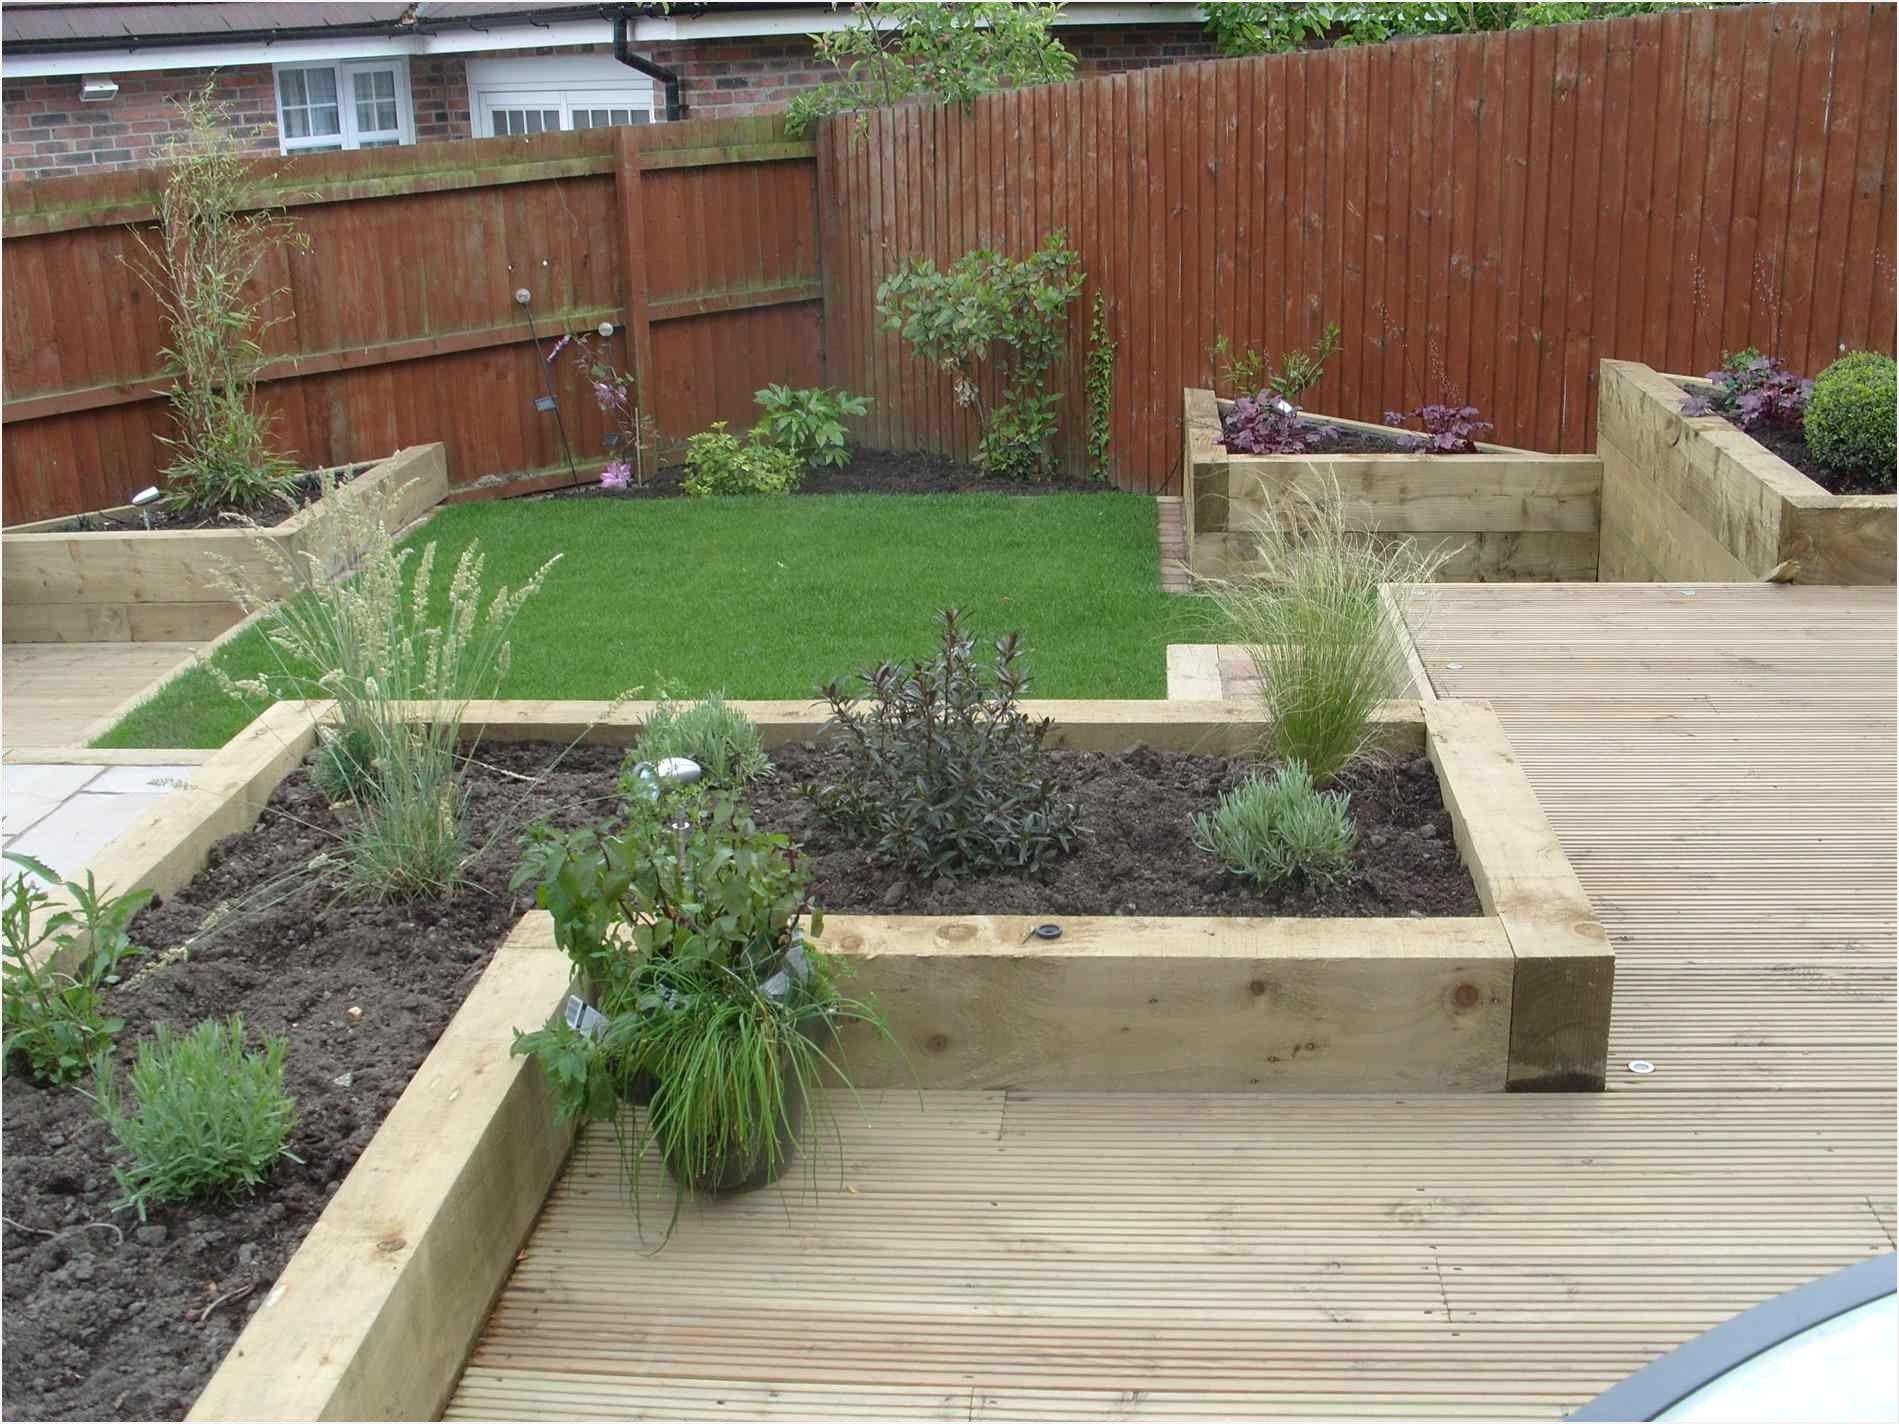 40 Perfect Backyard Landscape Ideas Without Grass 77 No Grass Garden Ideas H Low Maintenance Garden Design Small Yard Landscaping Front Yard Landscaping Design